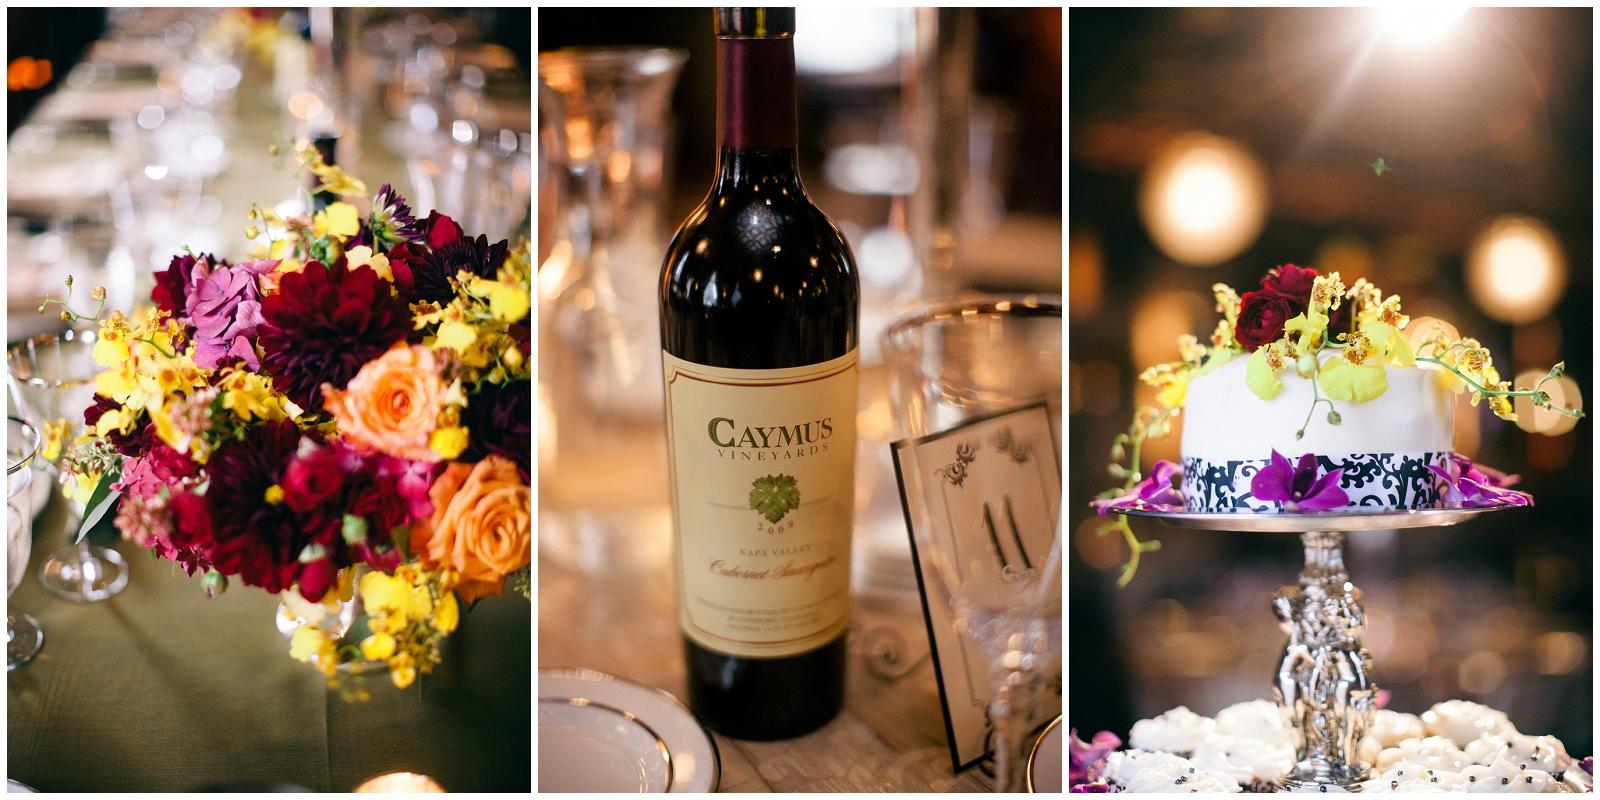 San-Francisco-Bay-Area-Wedding-Photography-Julia-Morgan-Ballroom-8.jpg